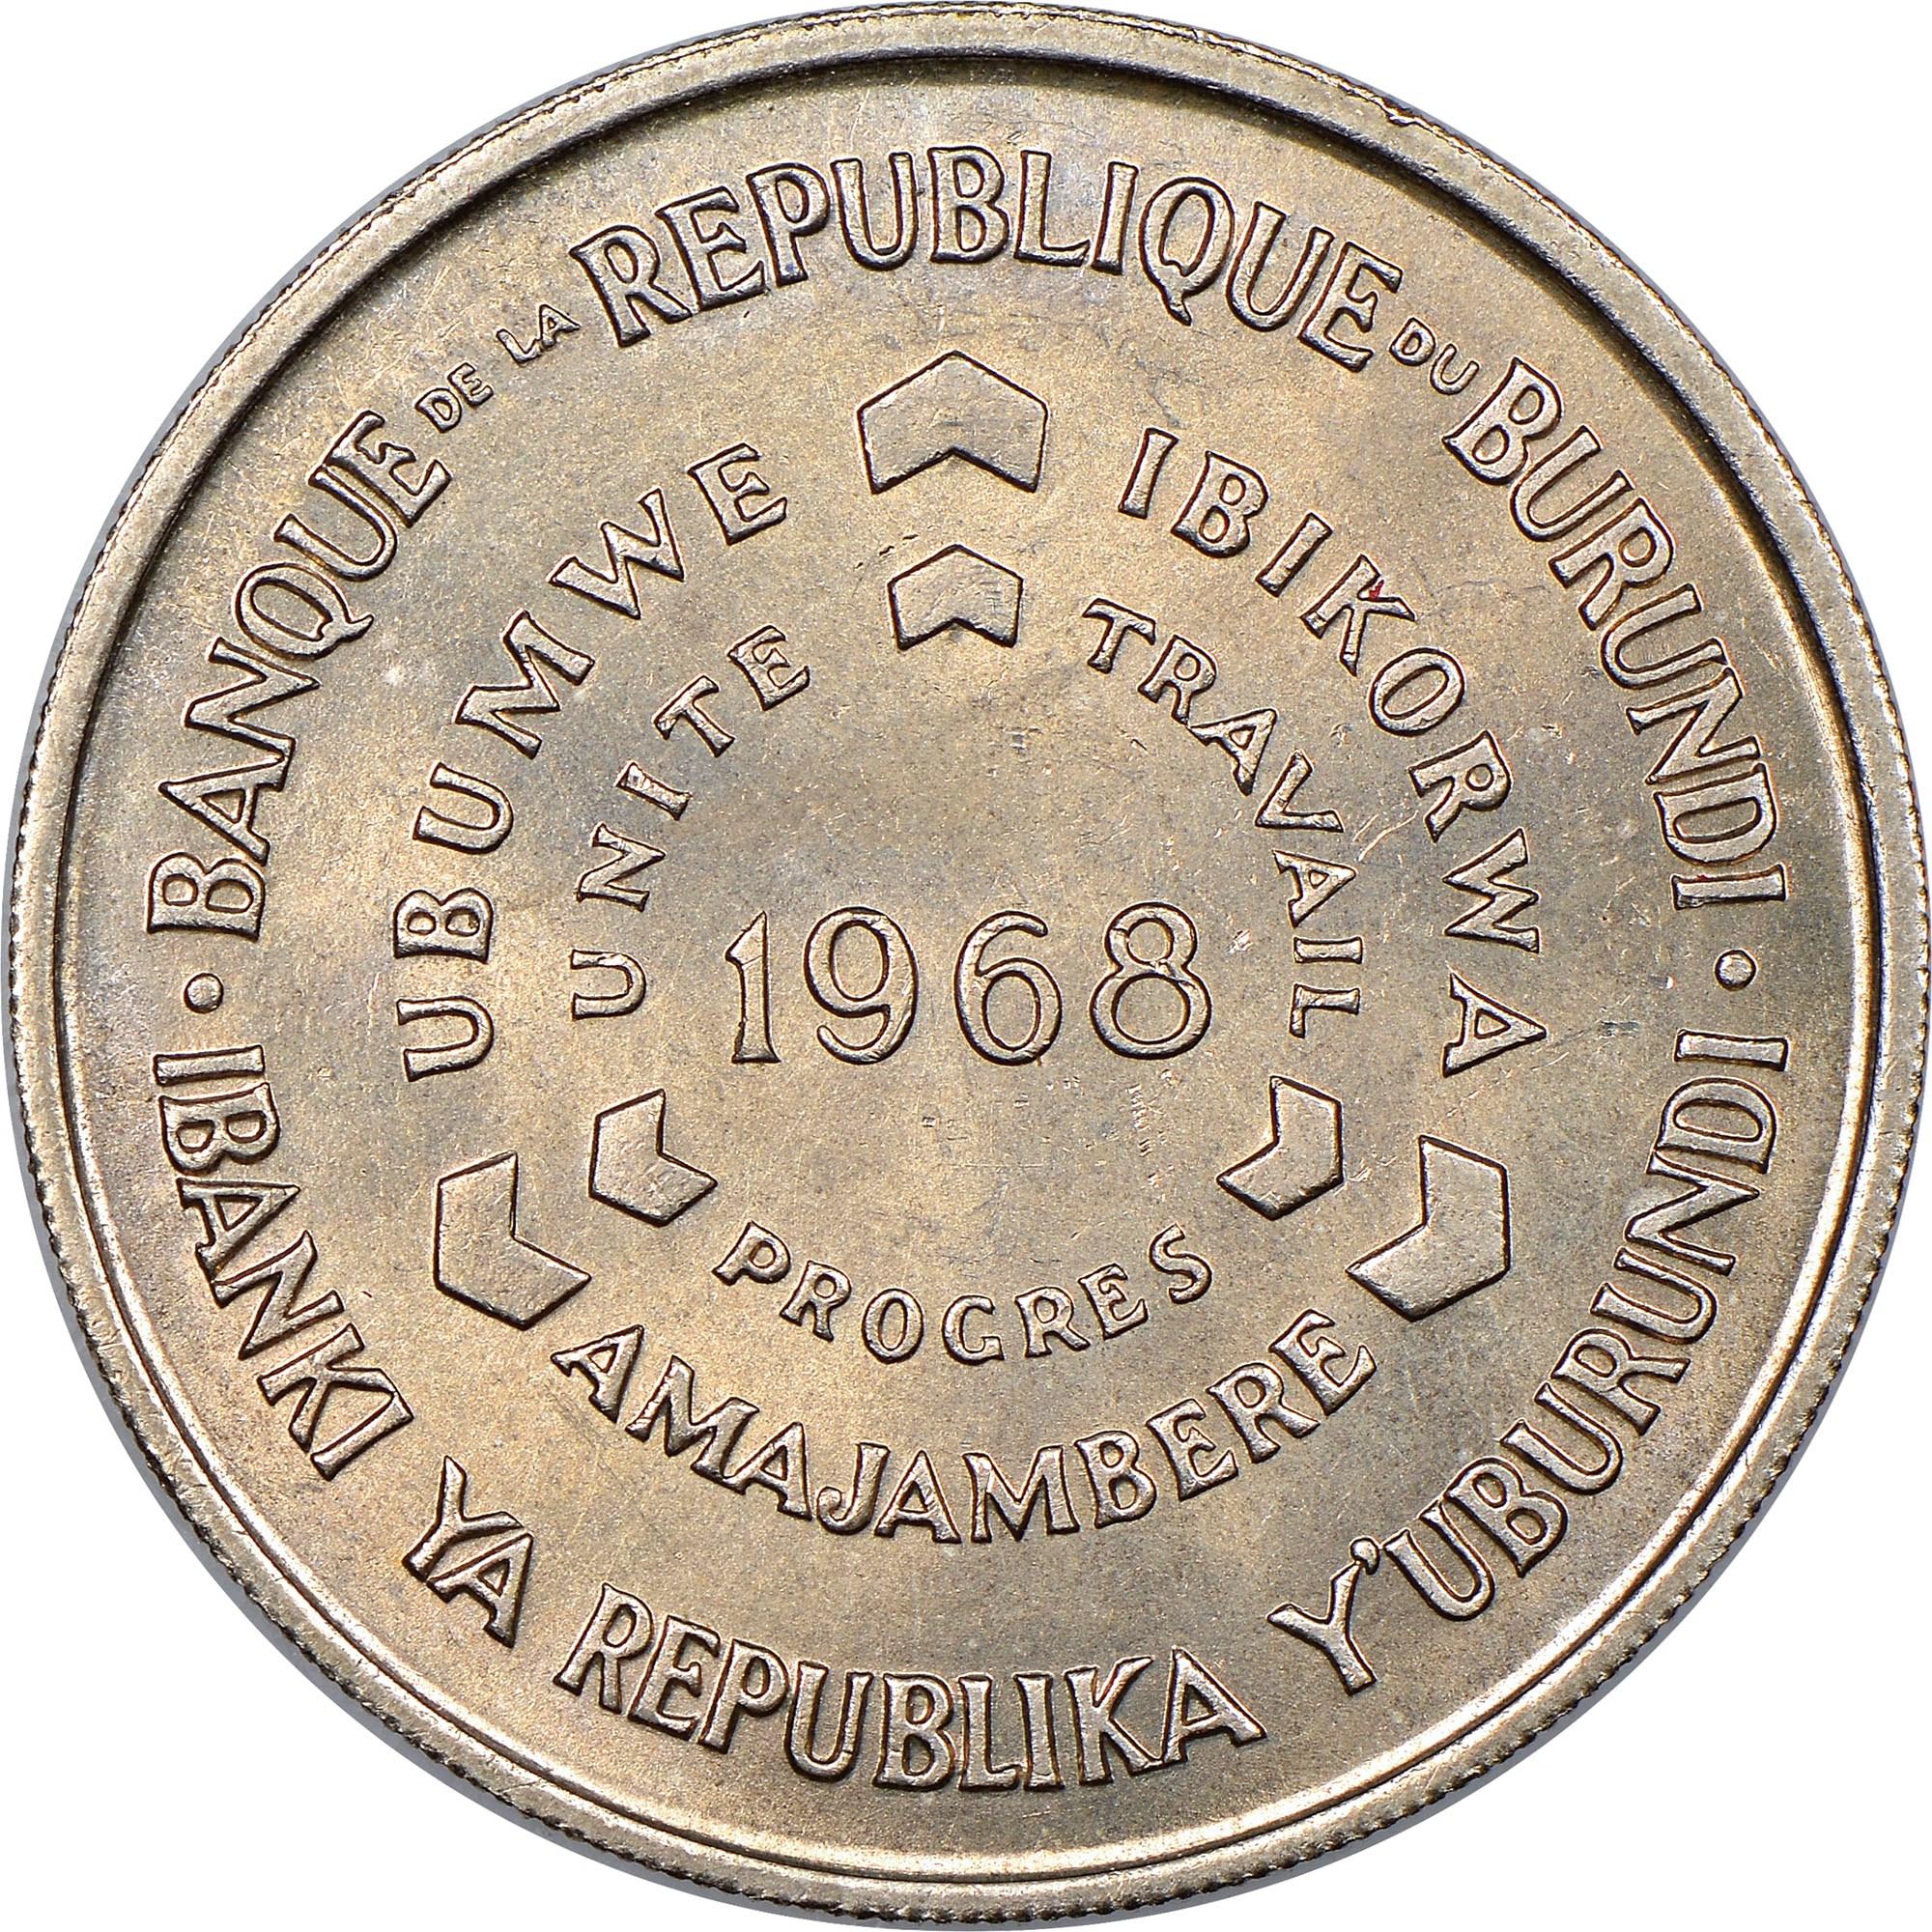 Burundi 10 Francs obverse